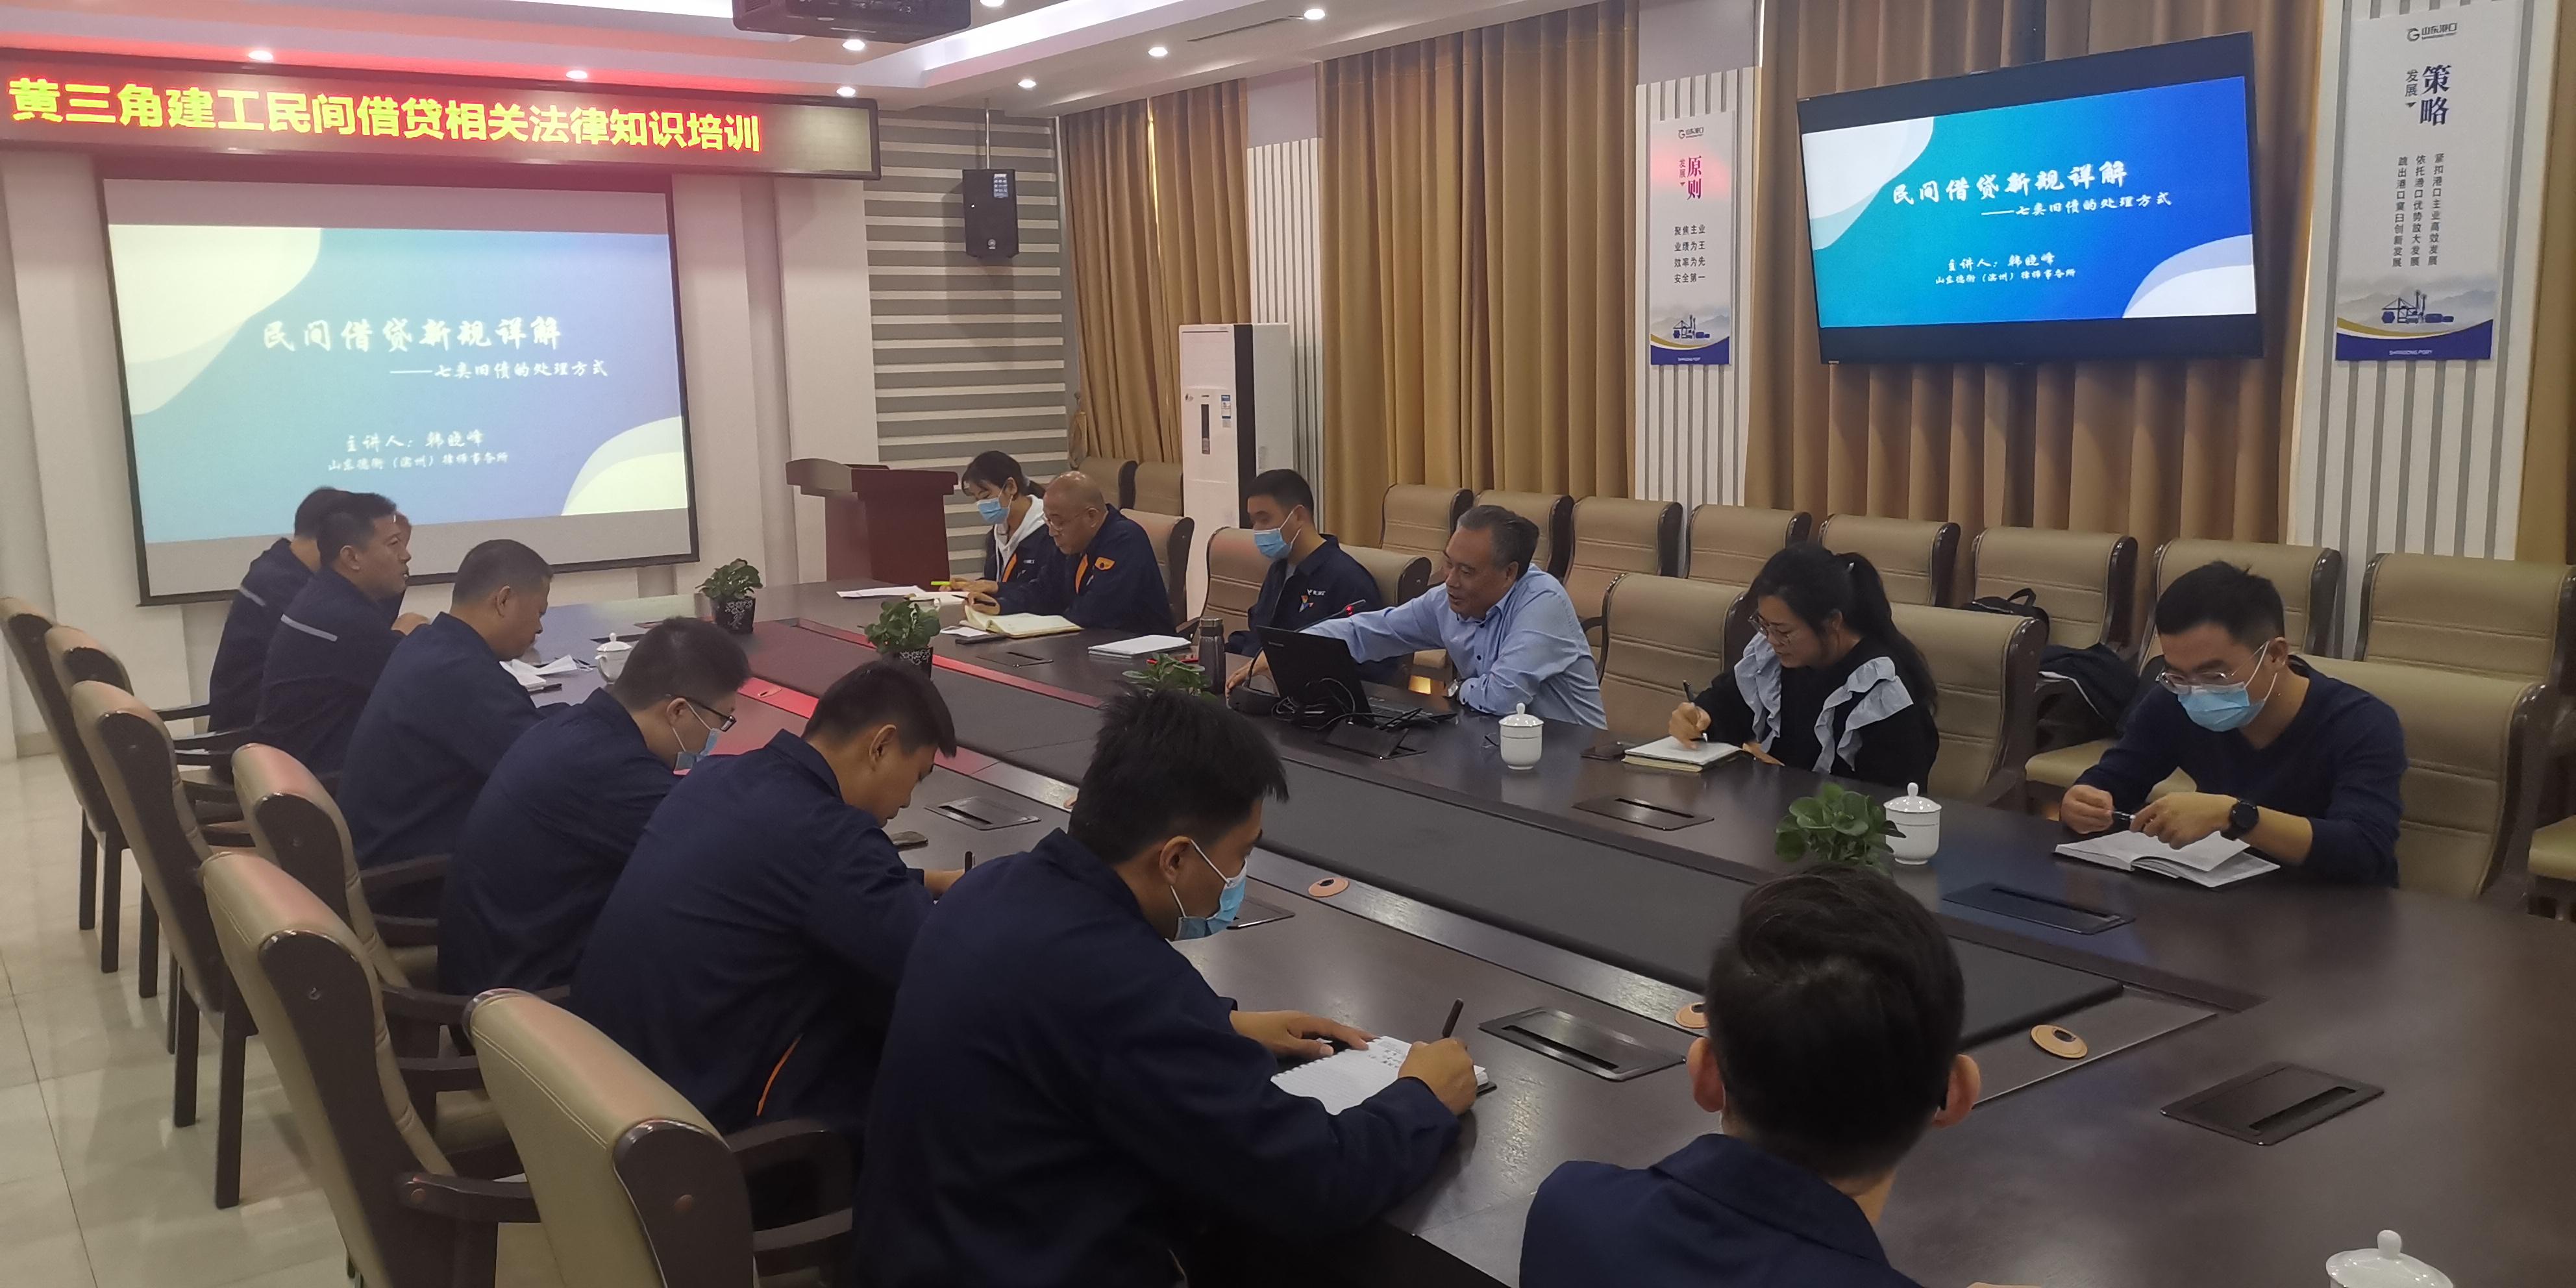 韩晓峰主任受邀为黄河三角洲建设工程有限公司讲解民间借贷新规